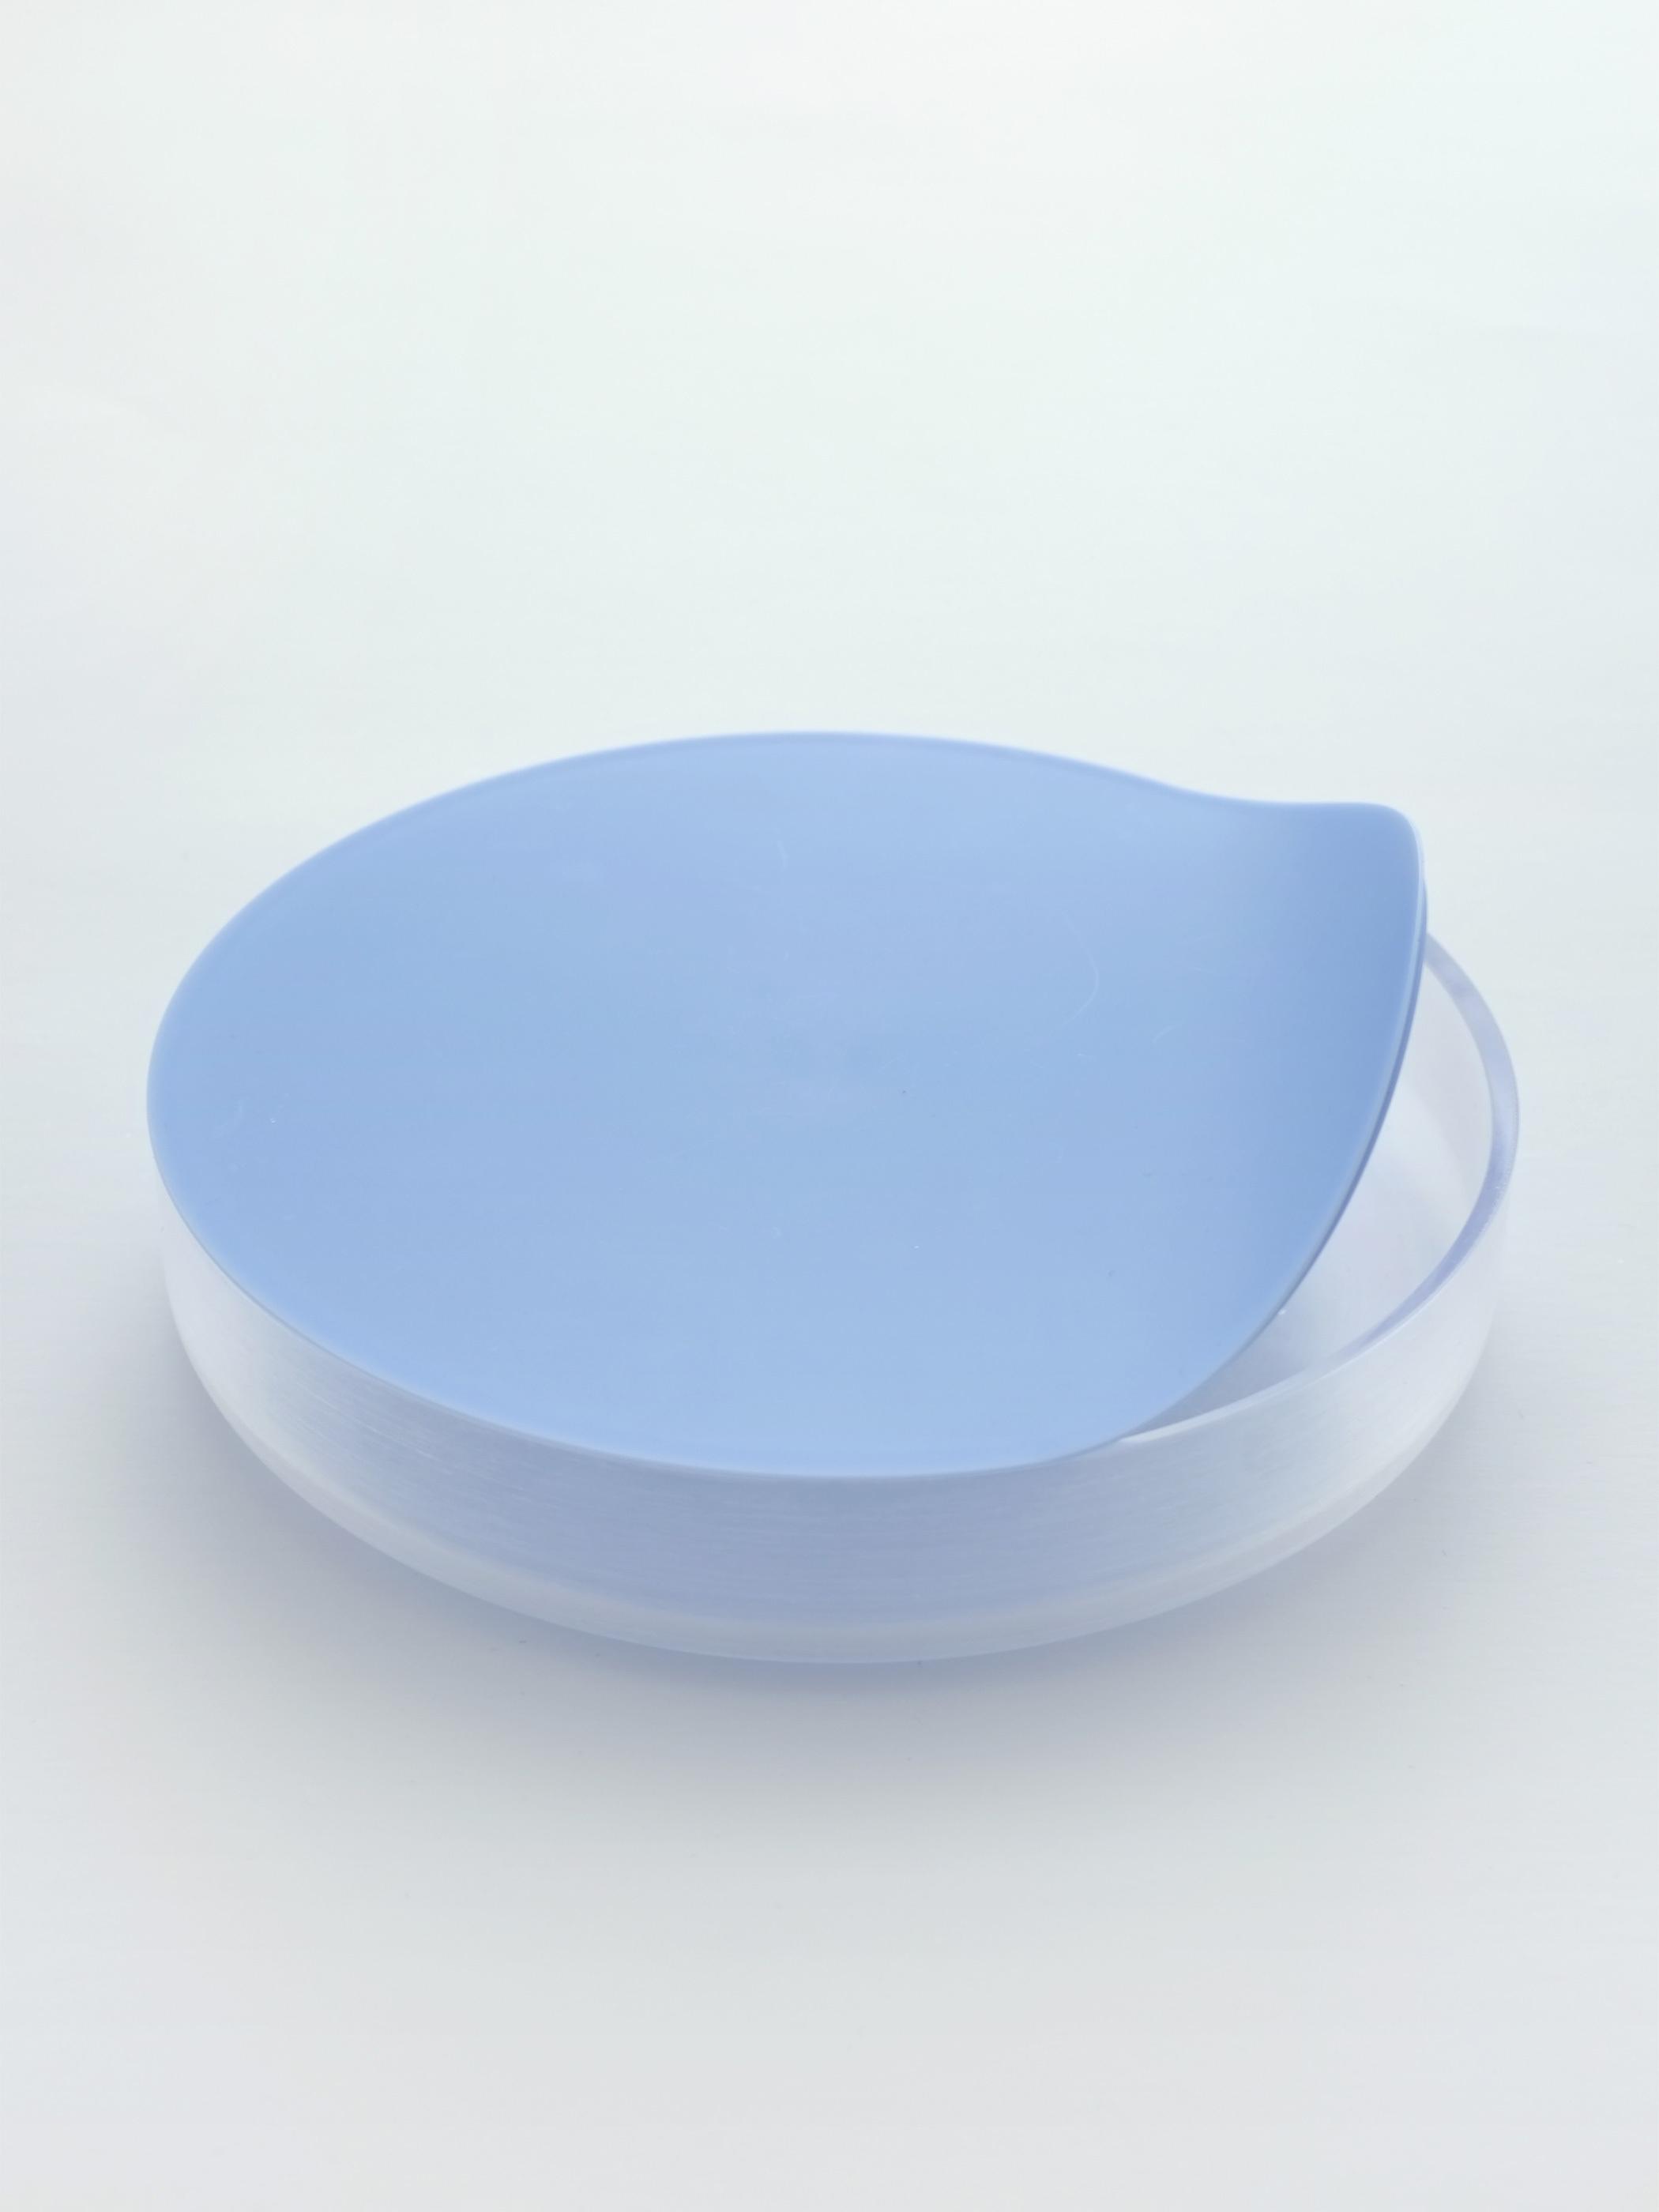 L size_Blue